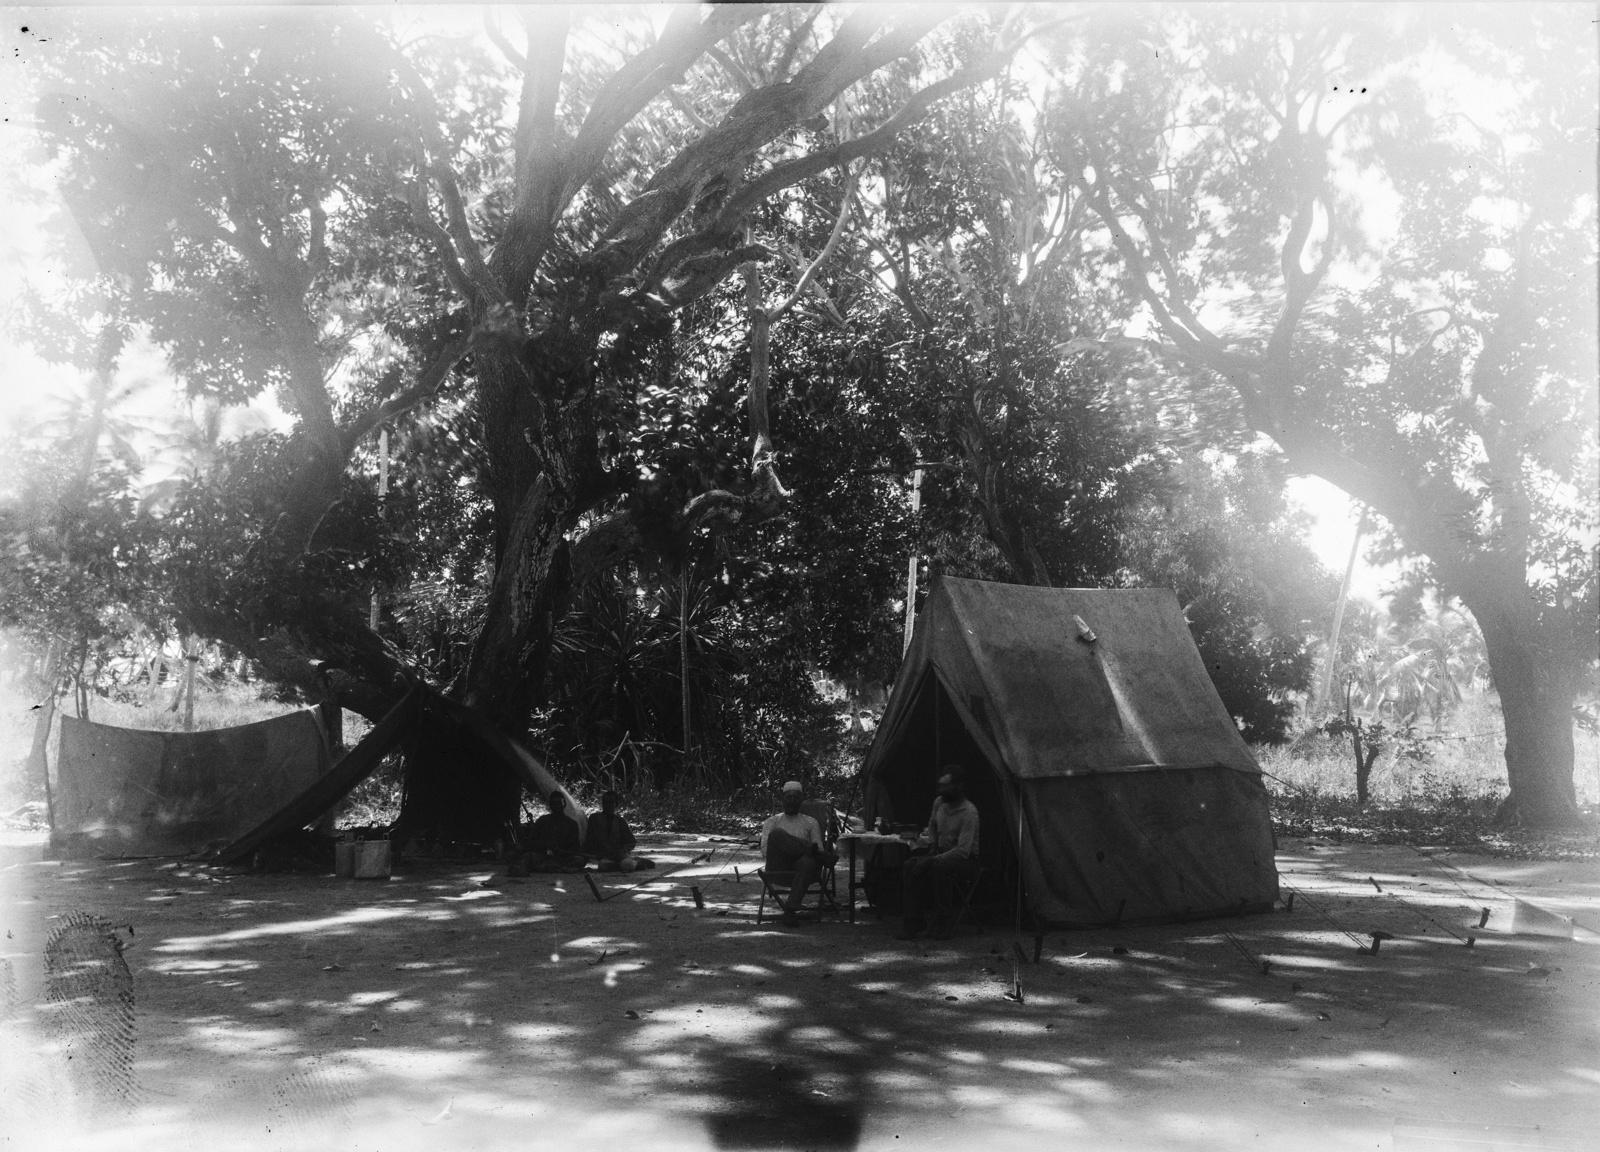 388. Палаточный лагерь экспедиции в деревне Фреретаун